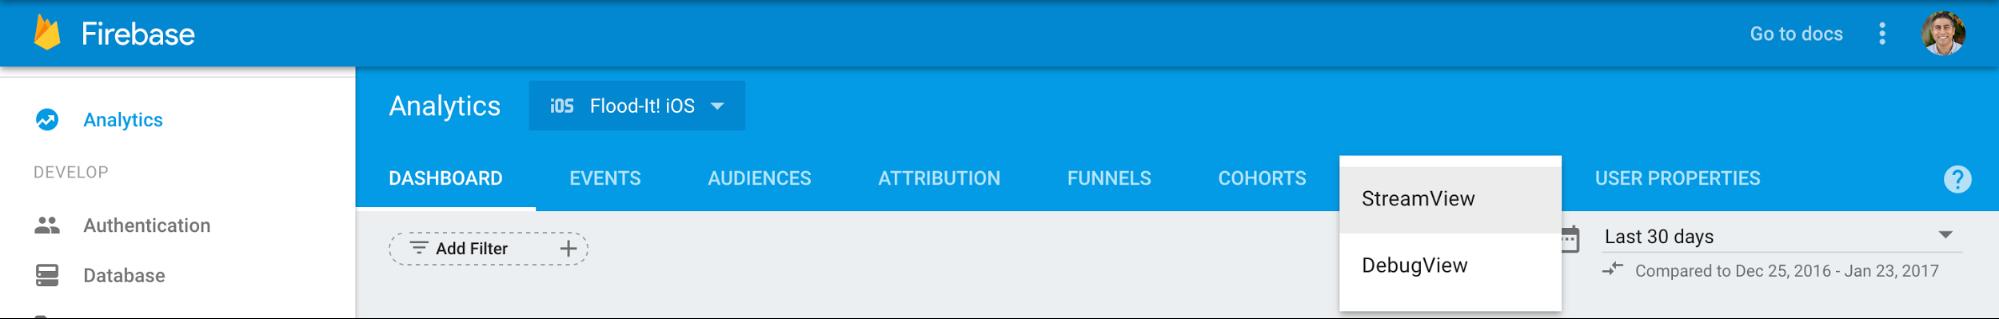 转至 DebugView,具体方法是选择 Google Analytics for Firebase 顶部导航栏上 StreamView 旁边的箭头,然后选择 DebugView